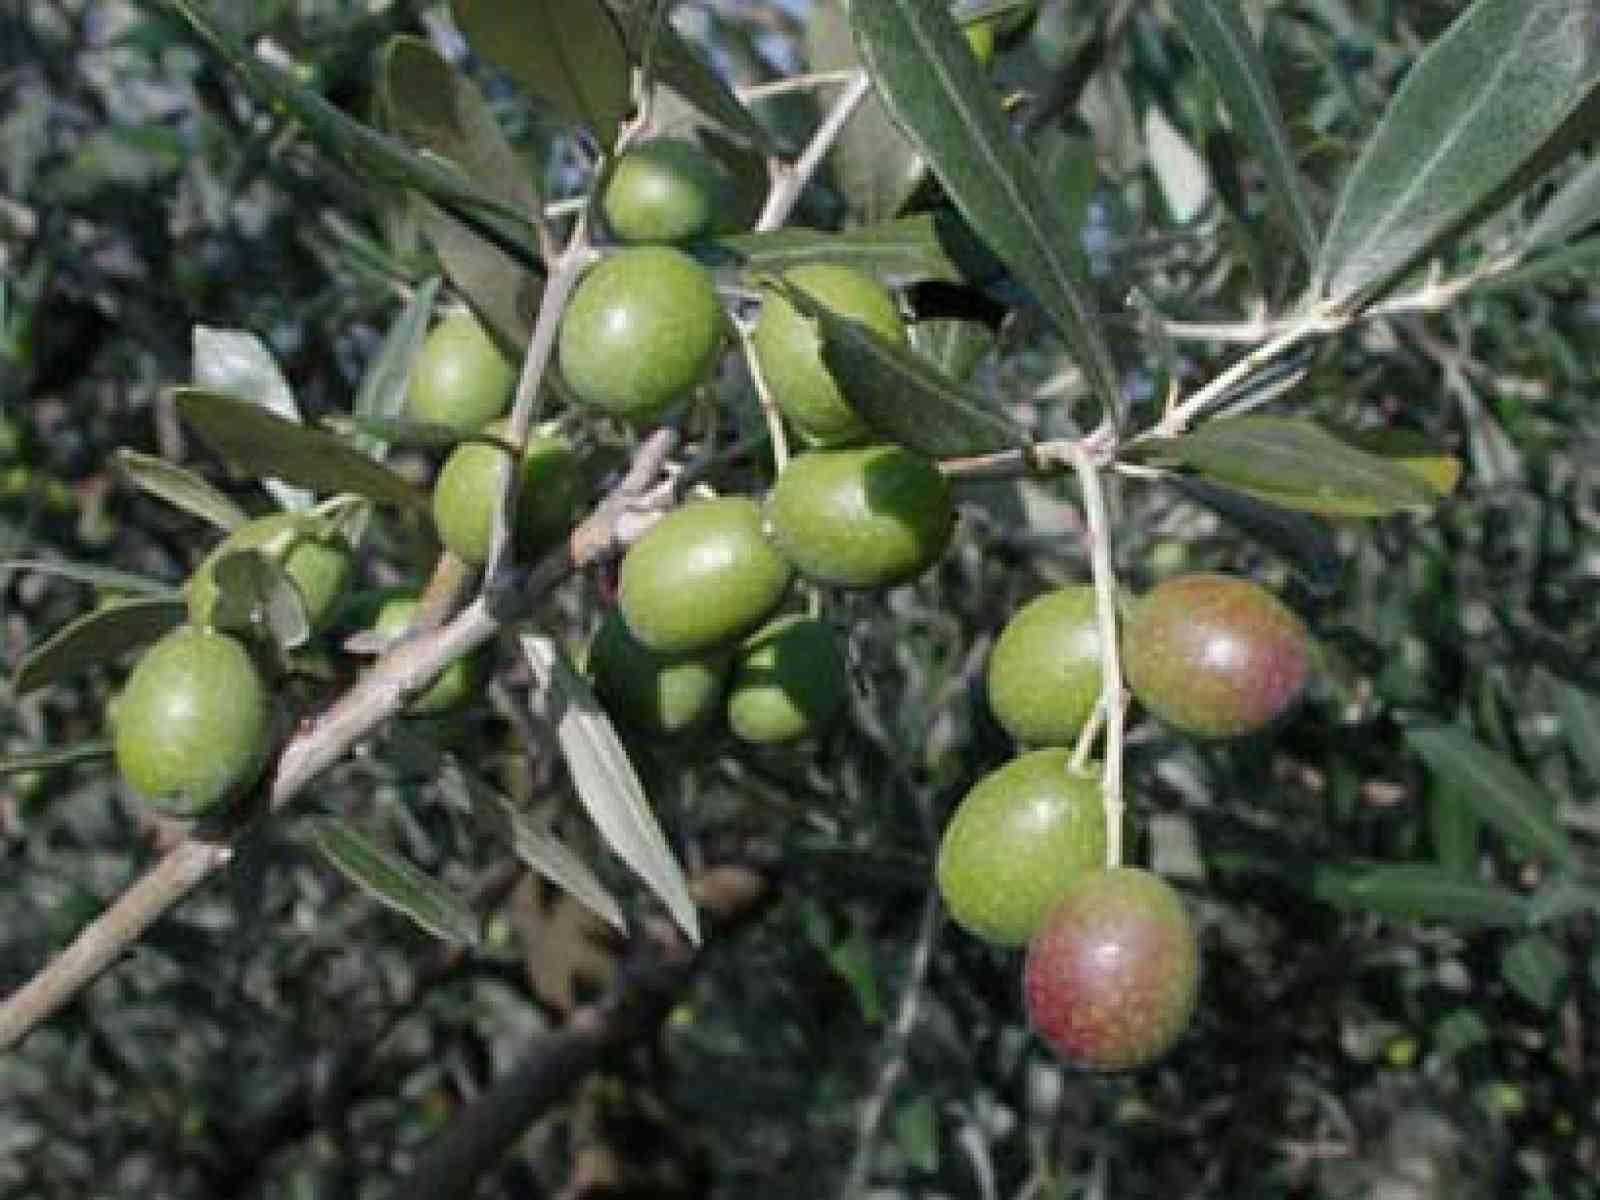 Pericolo per le olive belicine: infestazione di tignola. La Soat: ecco come intervenire